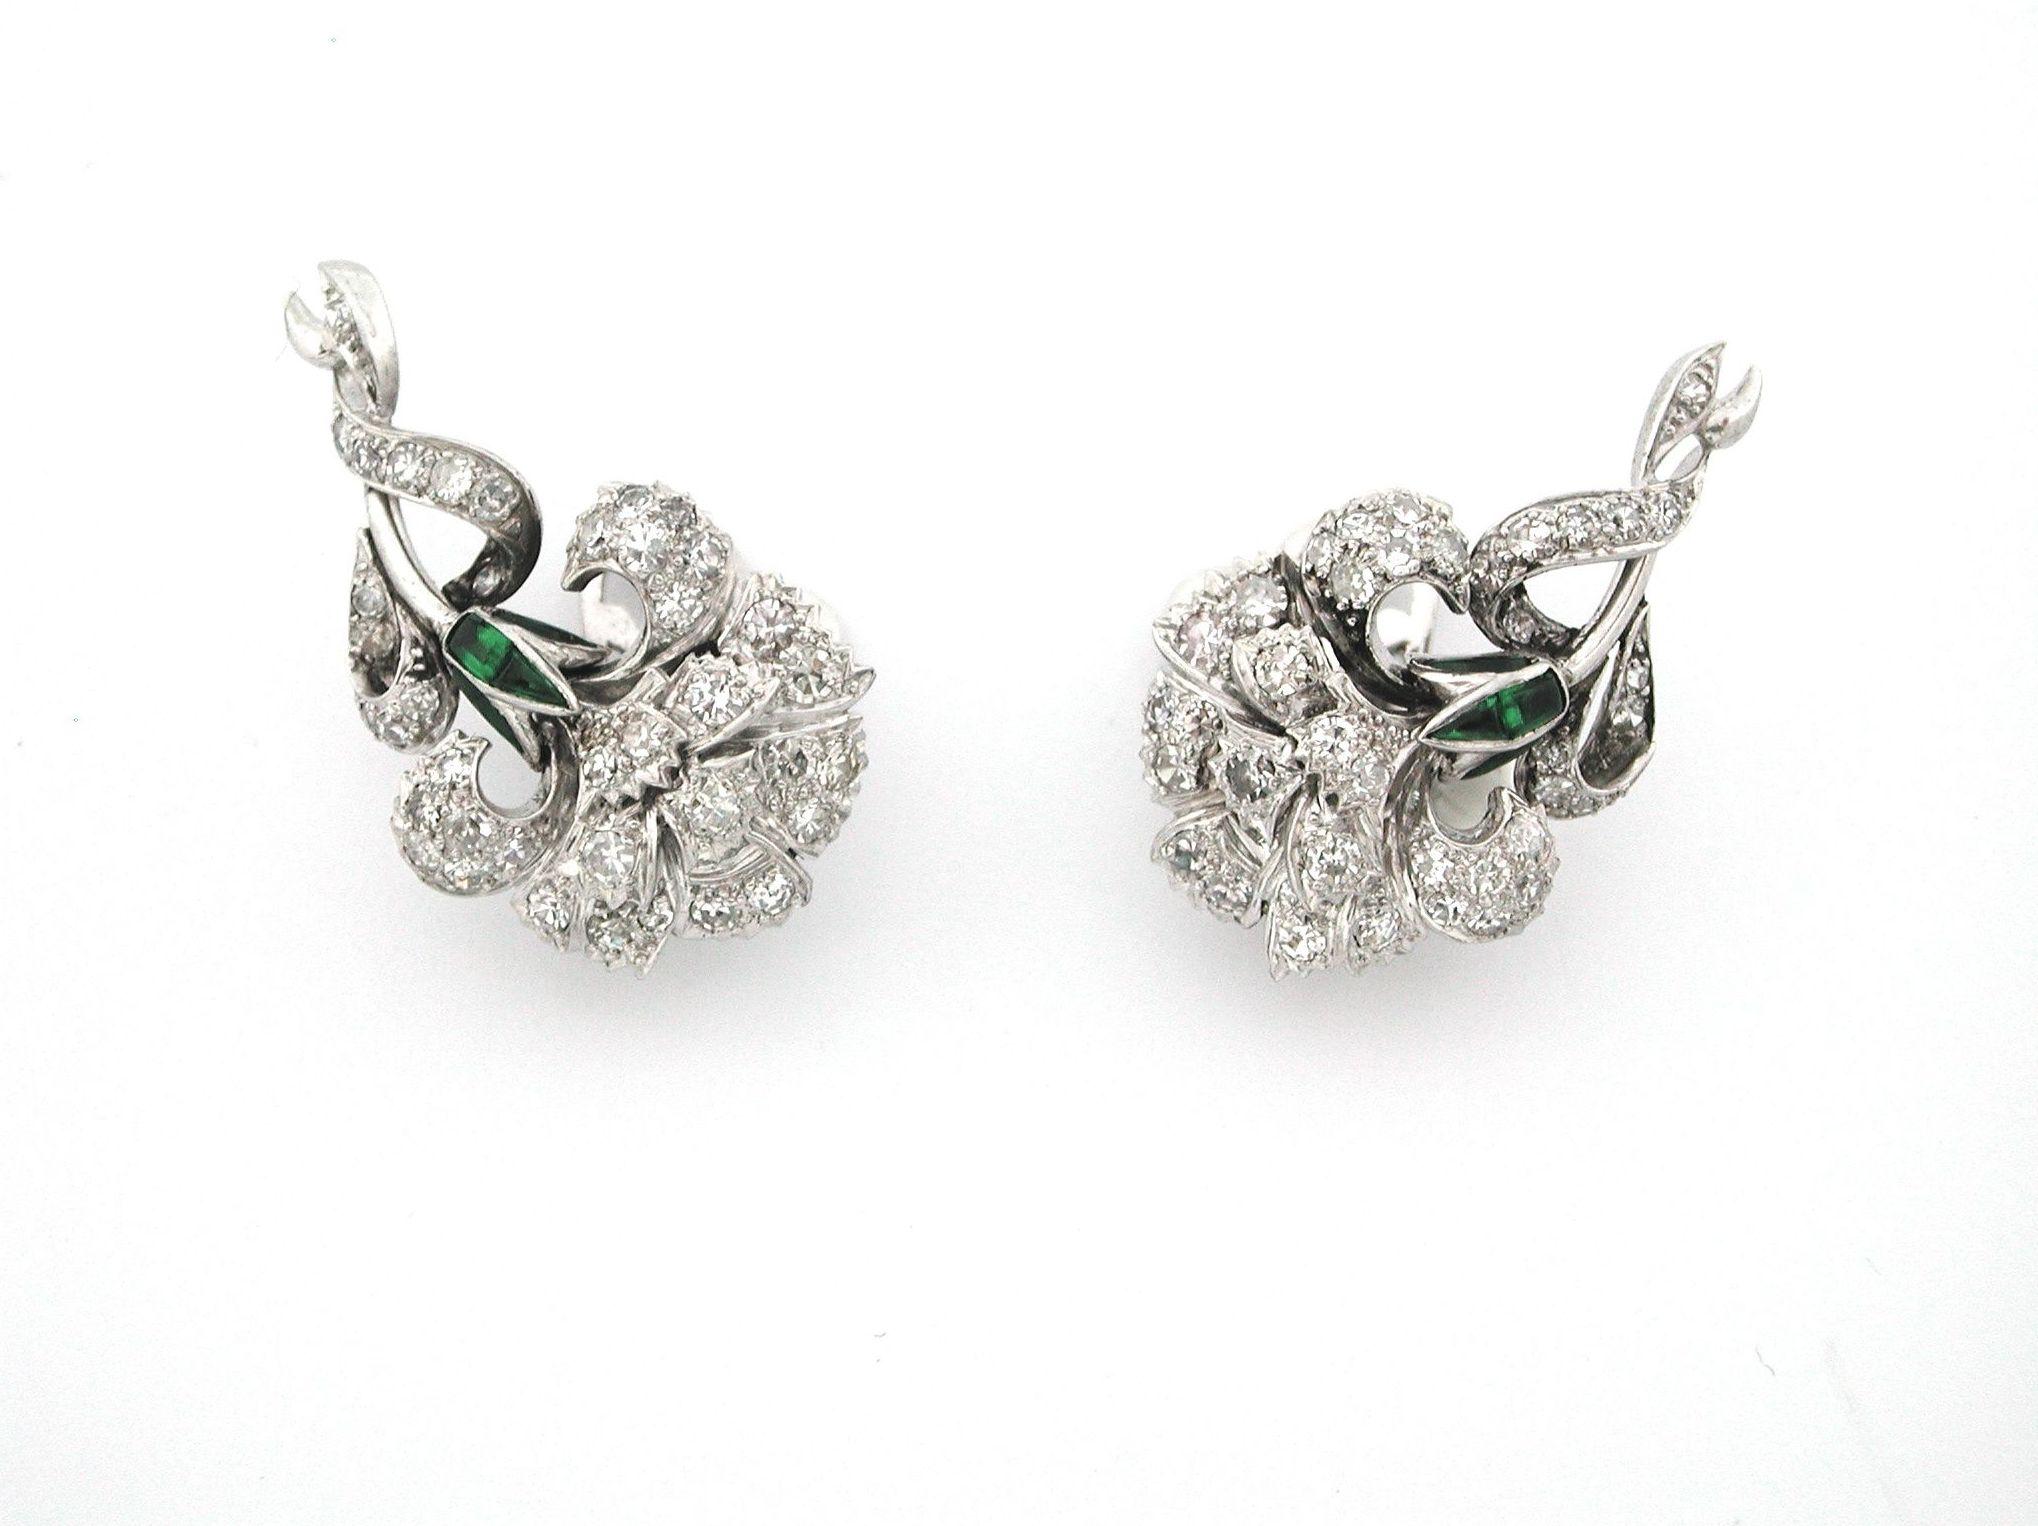 Pendientes de claveles en platino con diamantes y esmeraldas. Circa 1950: Catálogo de Antigua Joyeros